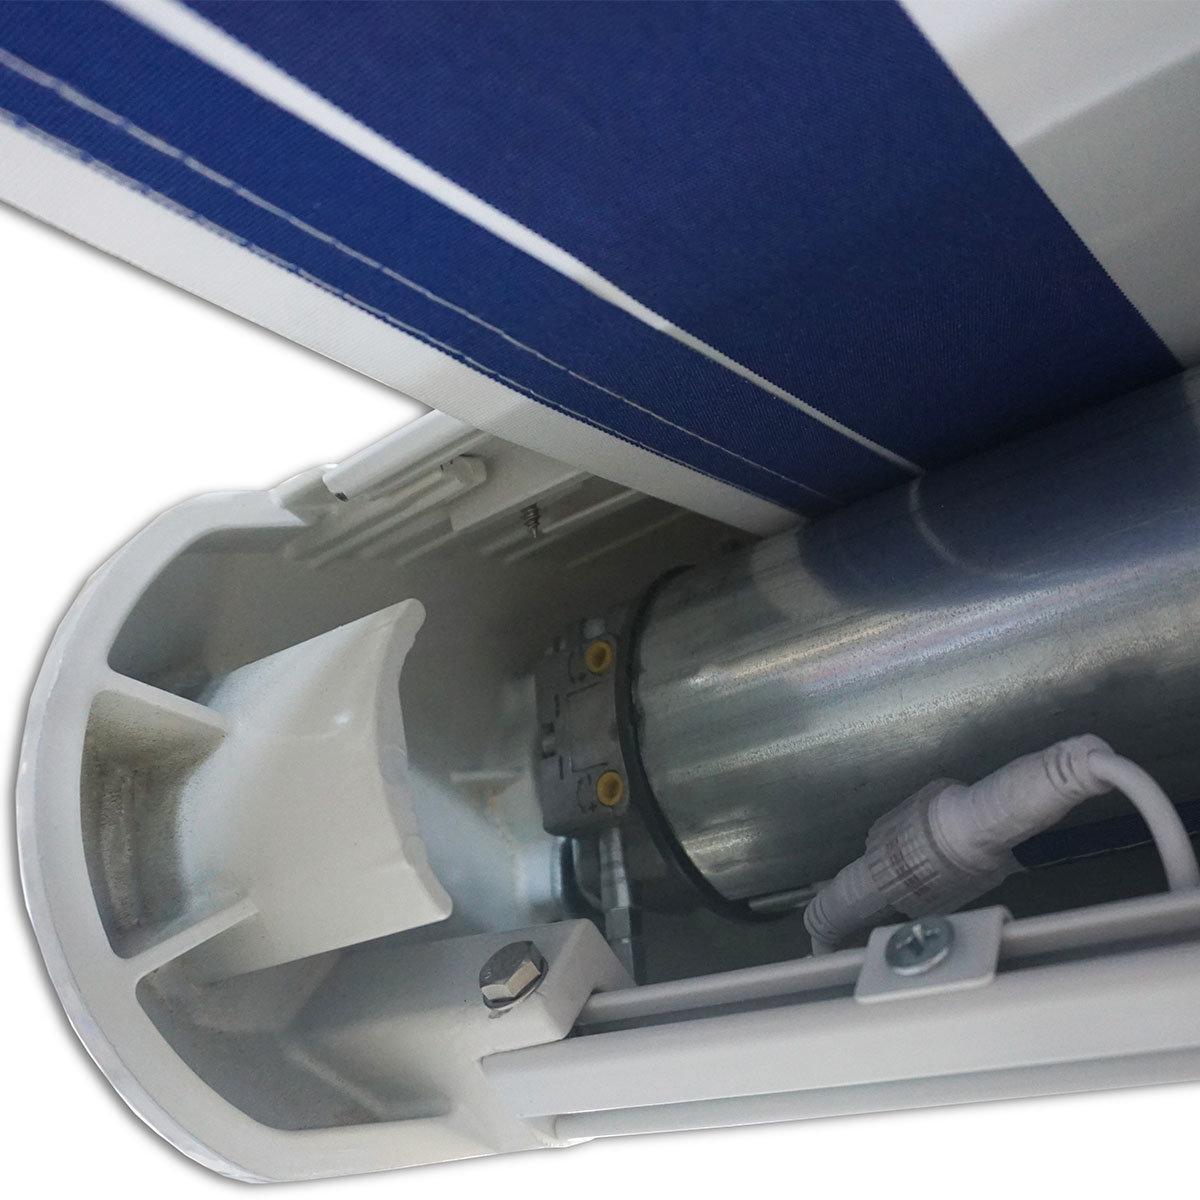 Vollelektrische Kassettenmarkise Elos V2 marineblau-weiß 500 x 300 cm mit Windsensor | #5